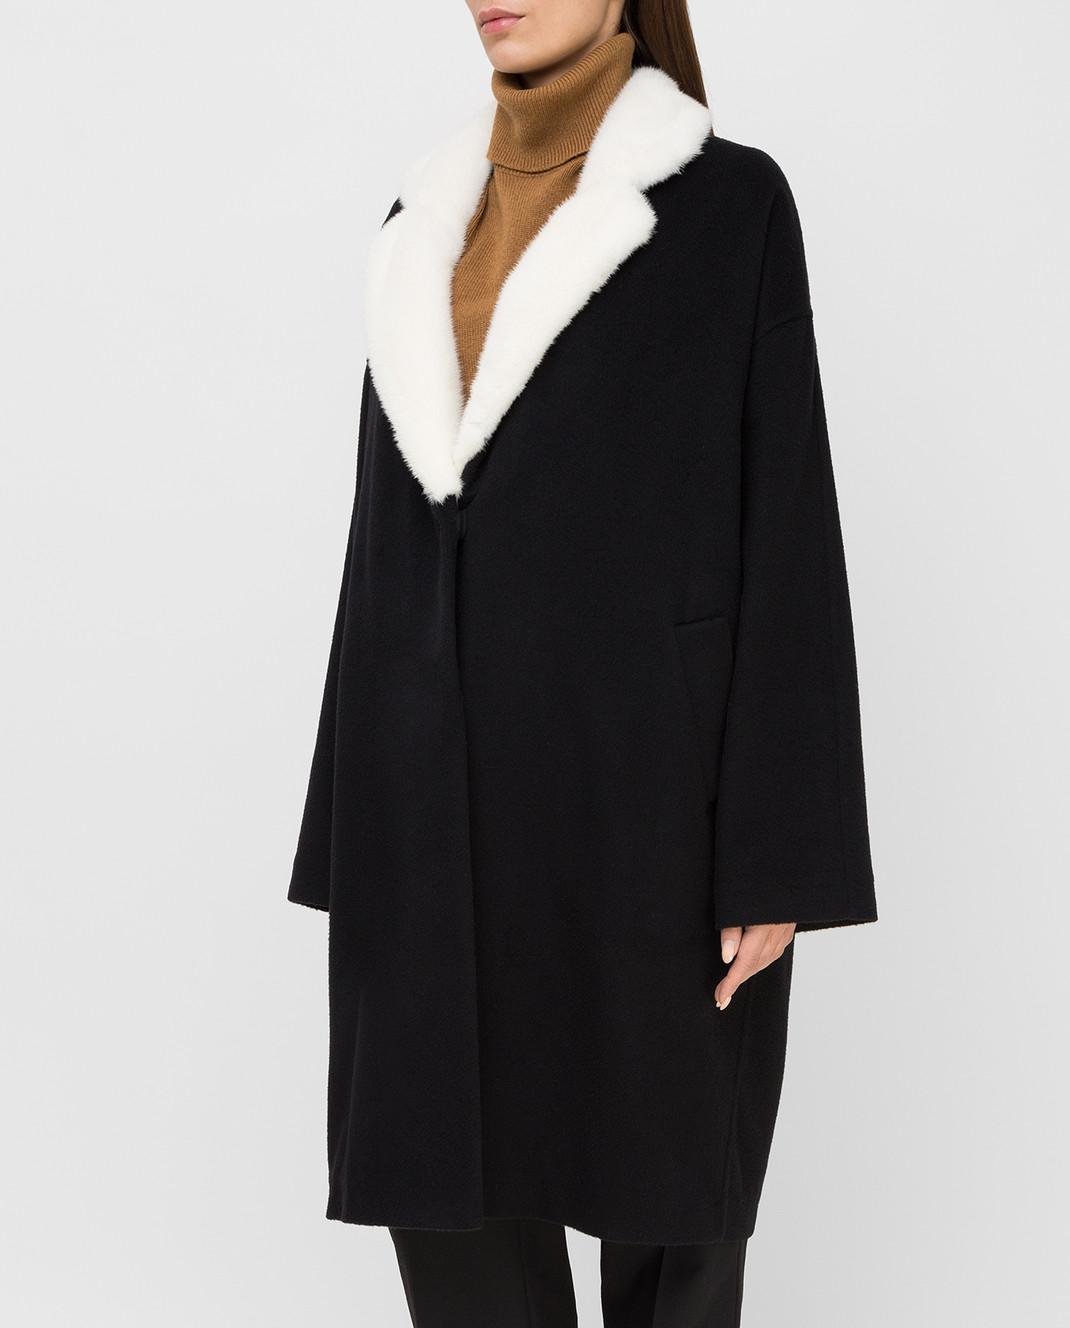 Via Cappella Черное пальто из кашемира с мехом норки C1017CASHMEREBLCOLLARM изображение 3